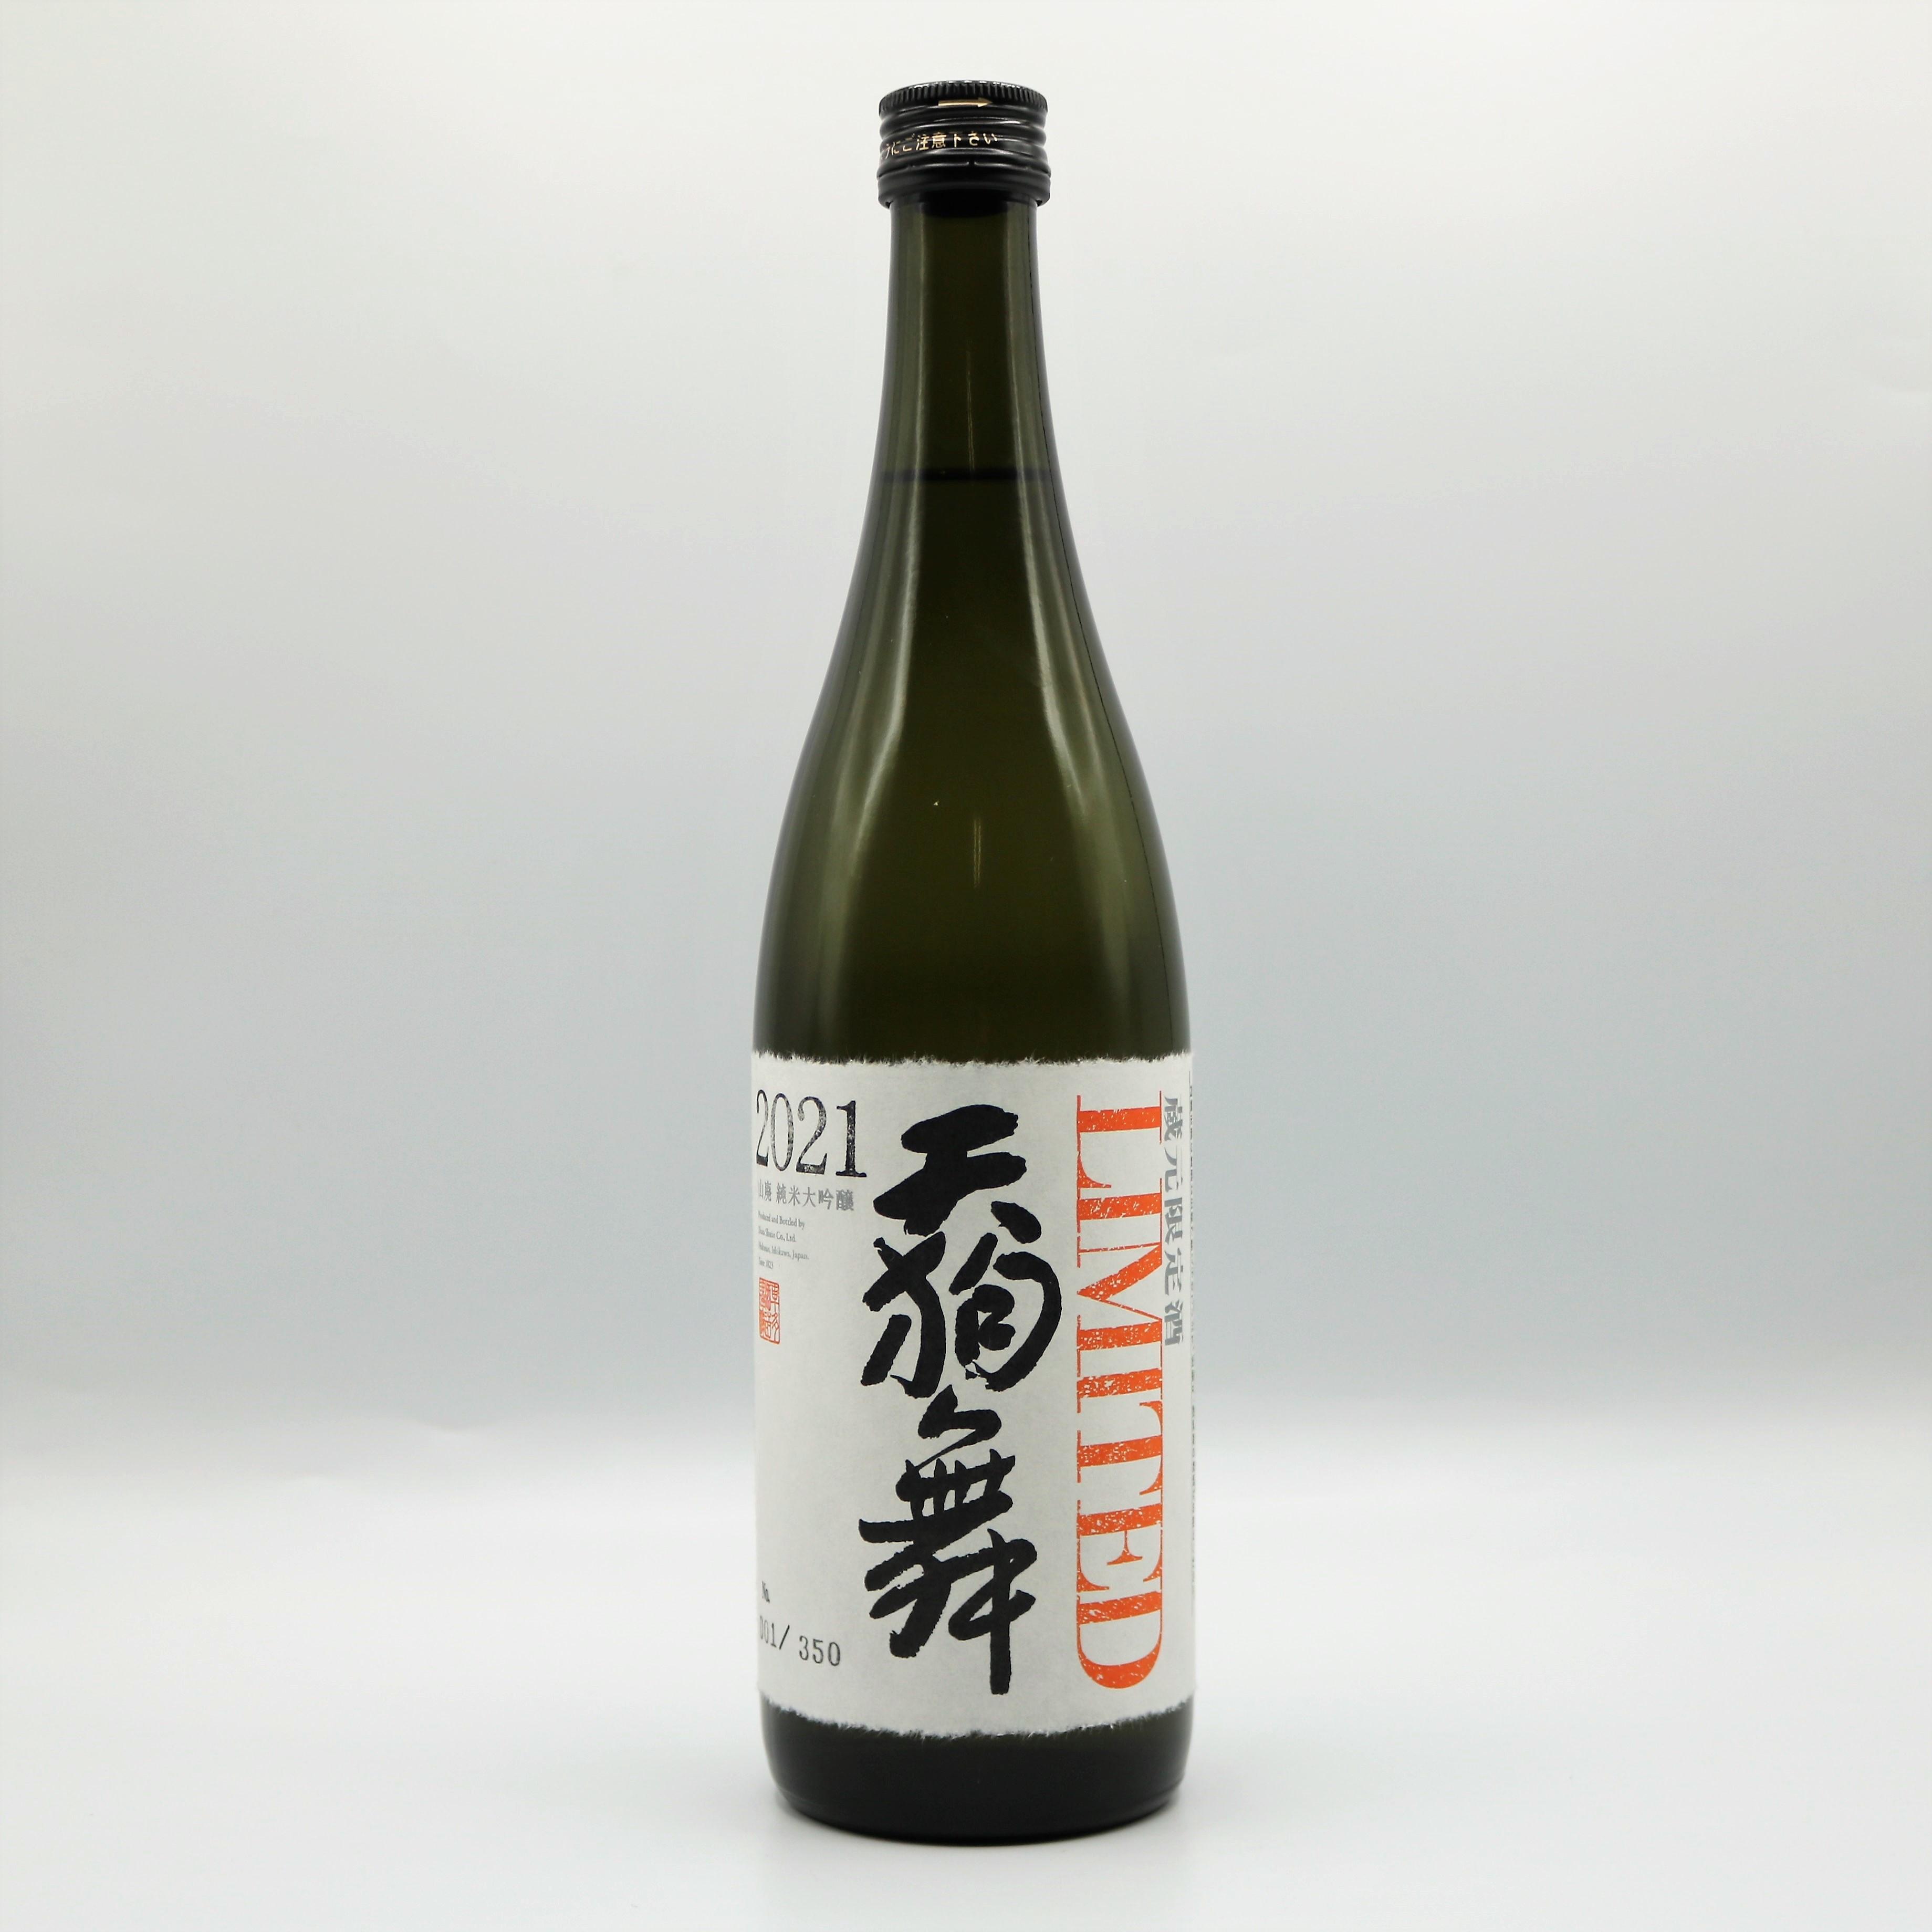 天狗舞 蔵元限定酒 山廃純米大吟醸 LIMITED